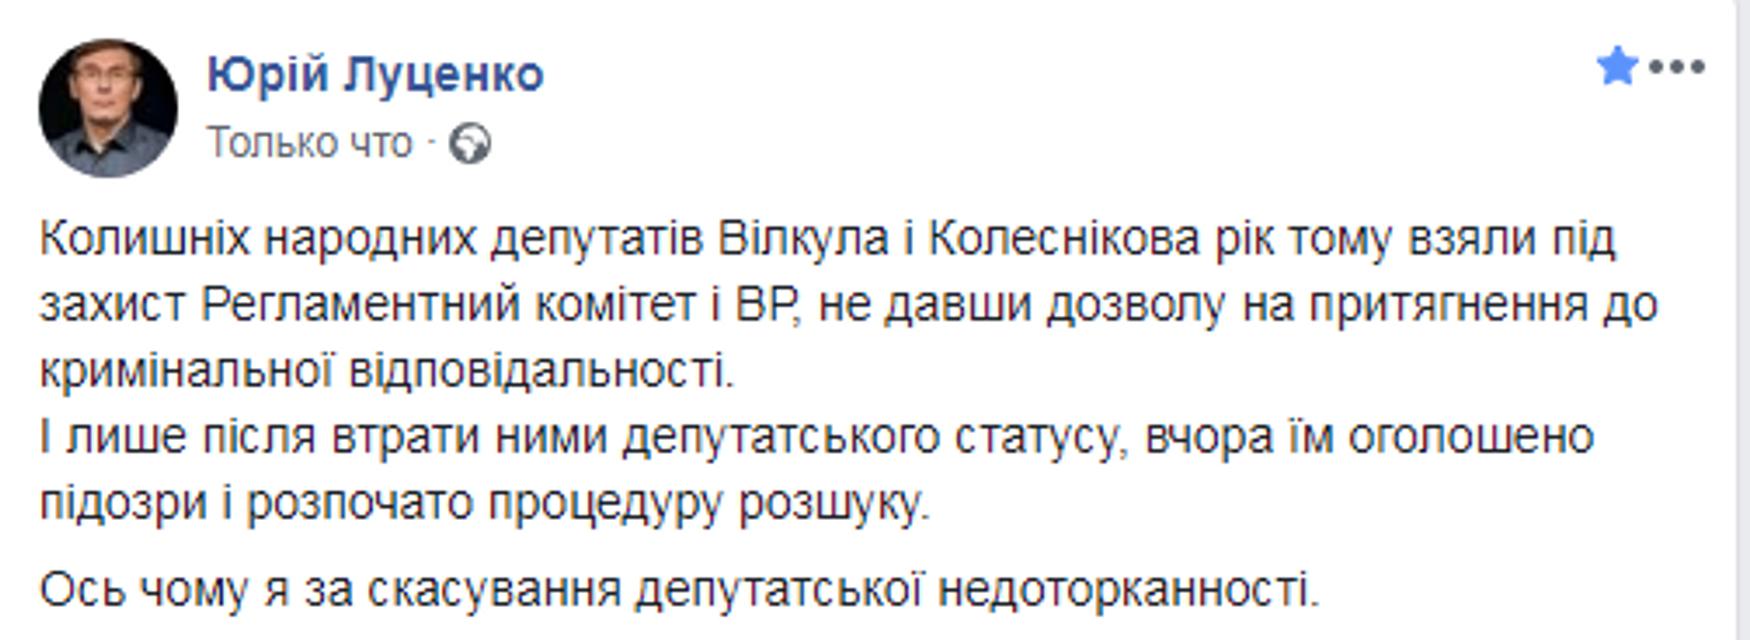 Ручных депутатов Ахметова объявили в розыск - фото 187236